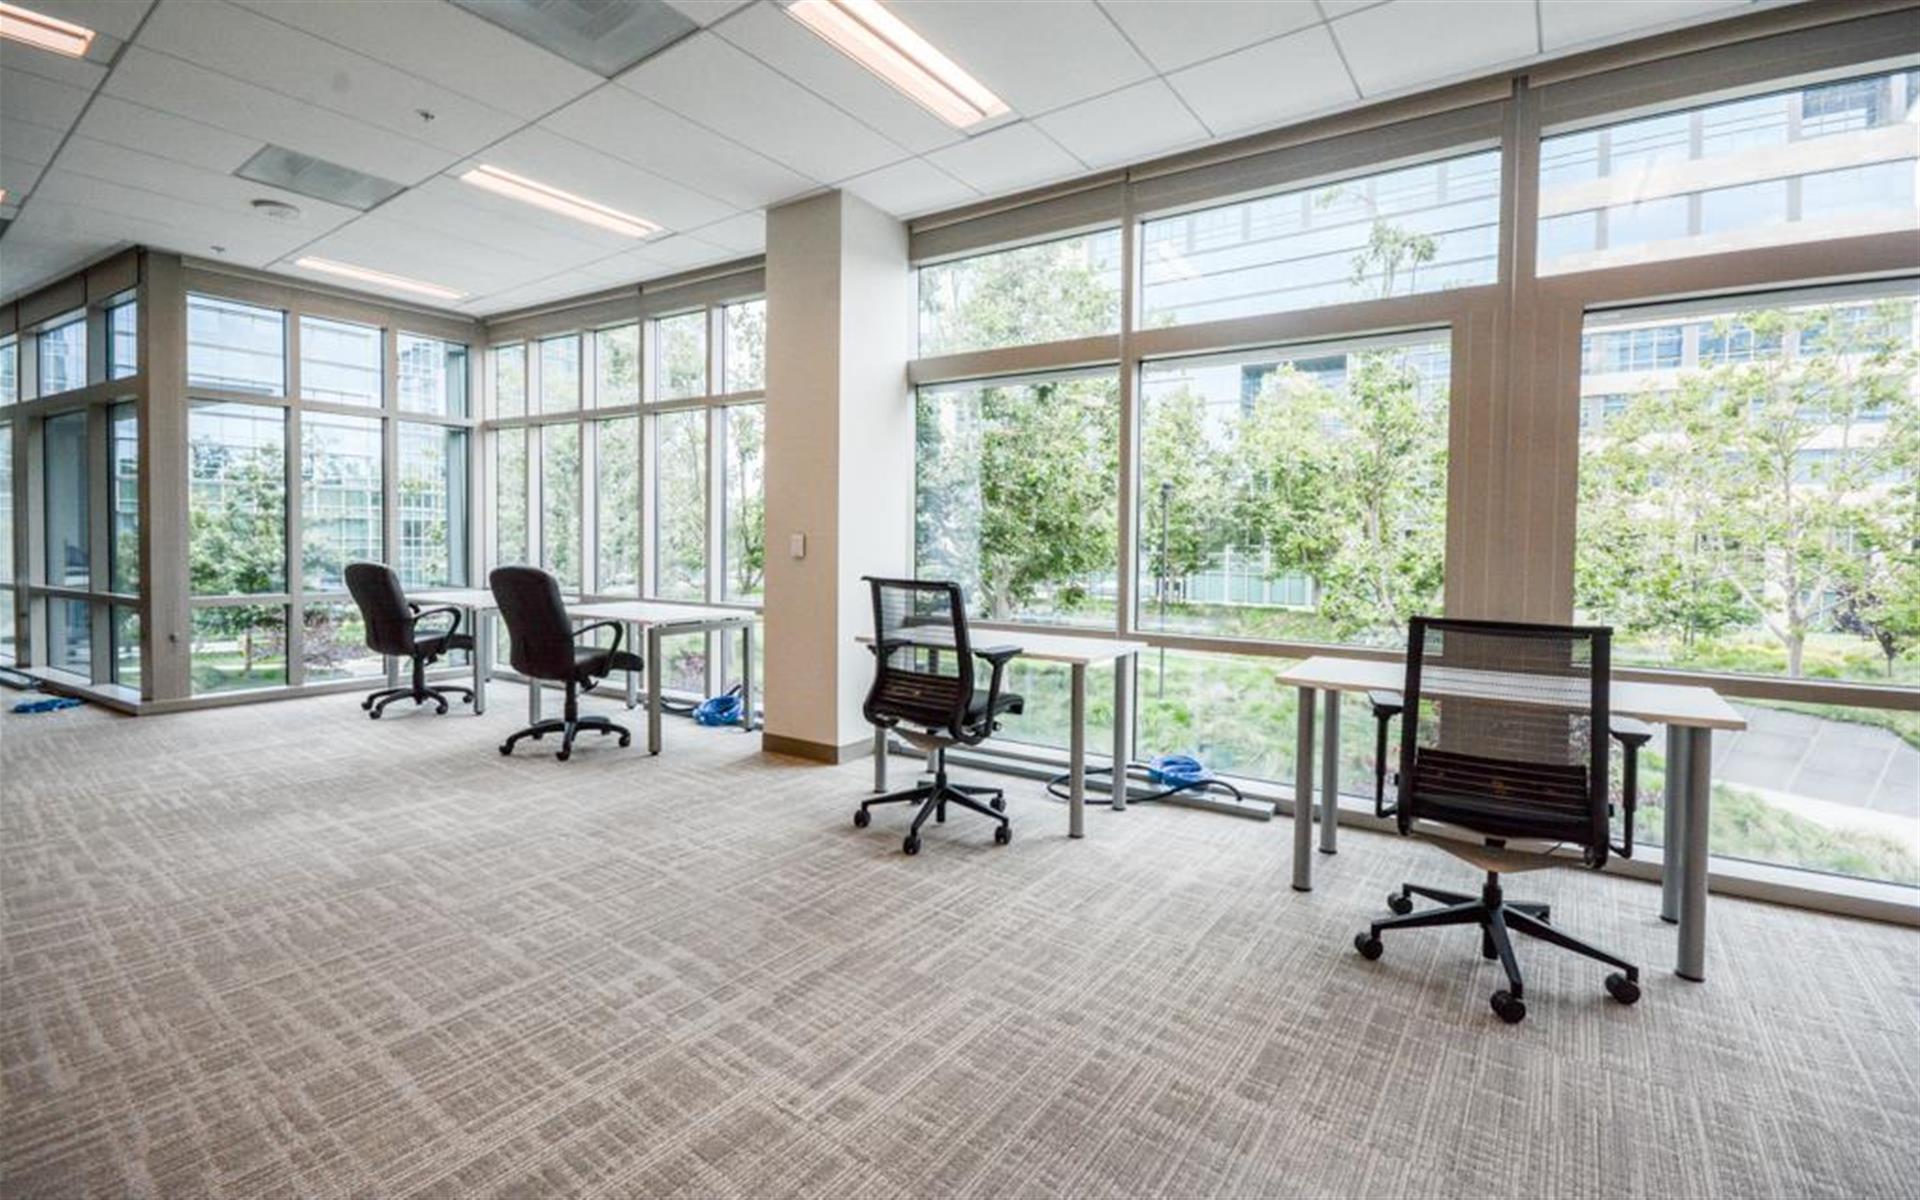 1050 Enterprise Way - Dedicated Desks for 20+